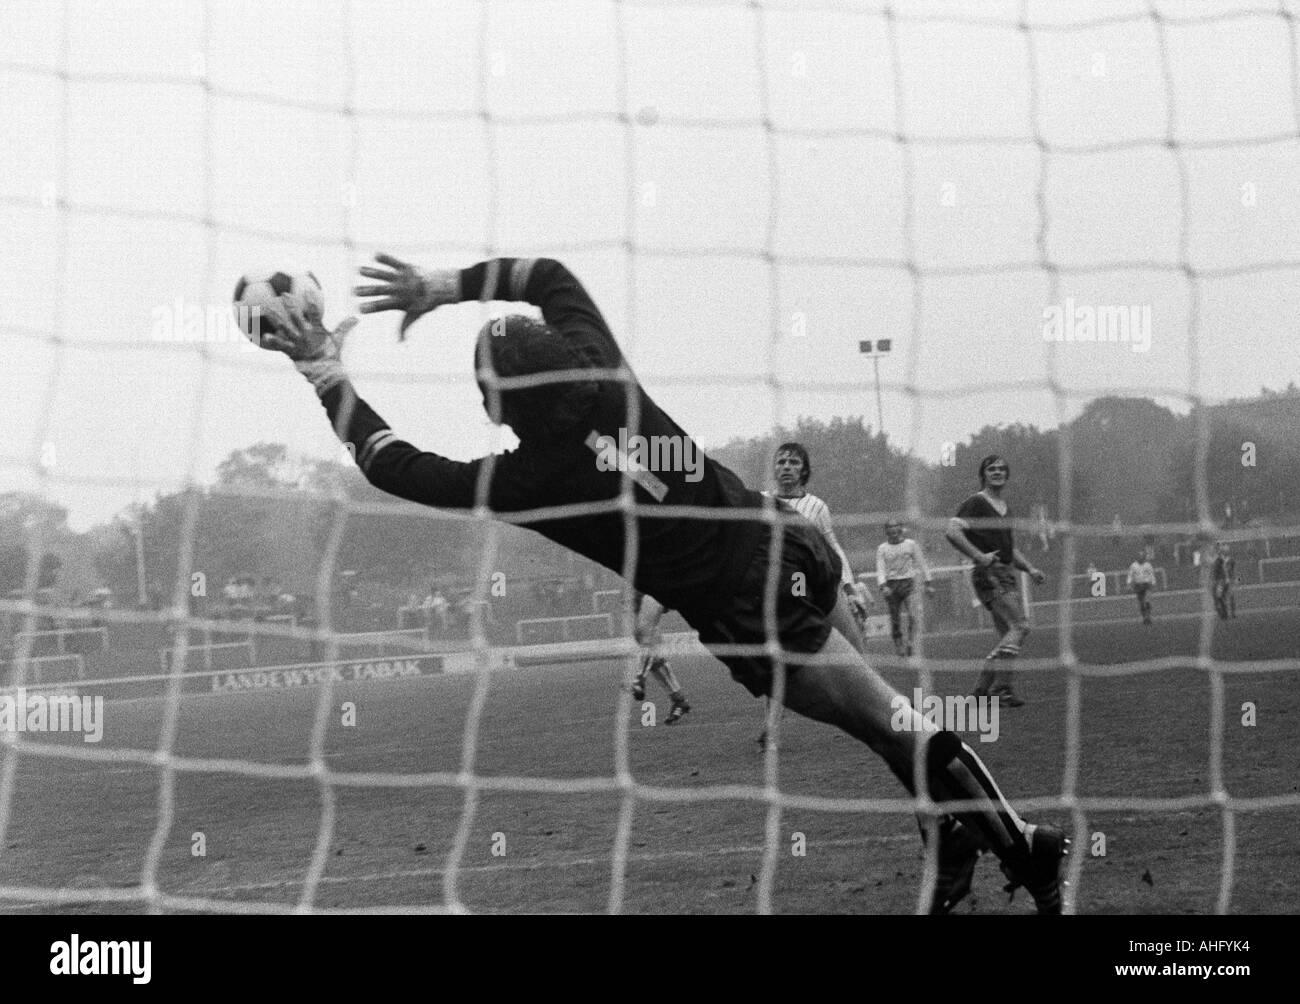 football, Regionalliga West, 1973/1974, Niederrhein Stadium in Oberhausen, Rot-Weiss Oberhausen versus Sportfreunde Siegen 3:1, scene of the match, save by keeper Detlef Behrens (Siegen) at a long-range shot - Stock Image